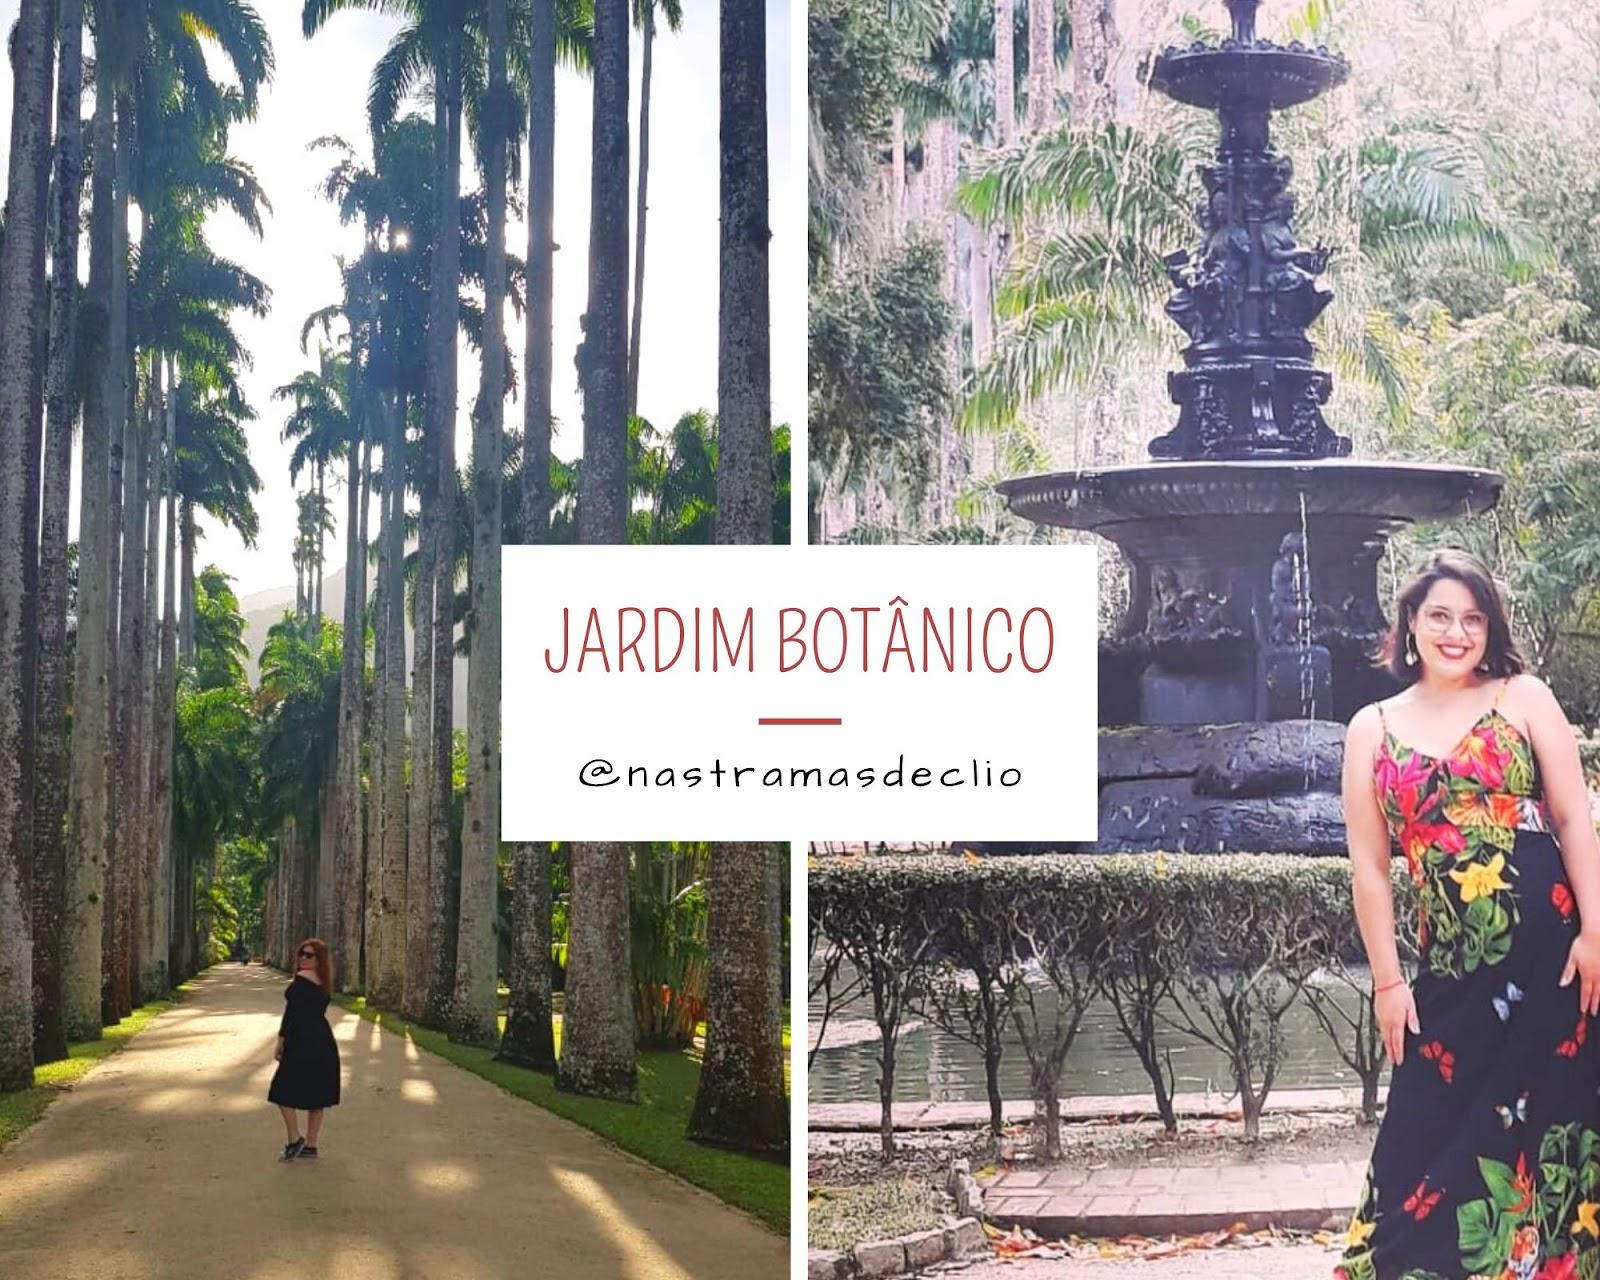 Fotografias do jardim botânico do Rio de Janeiro.